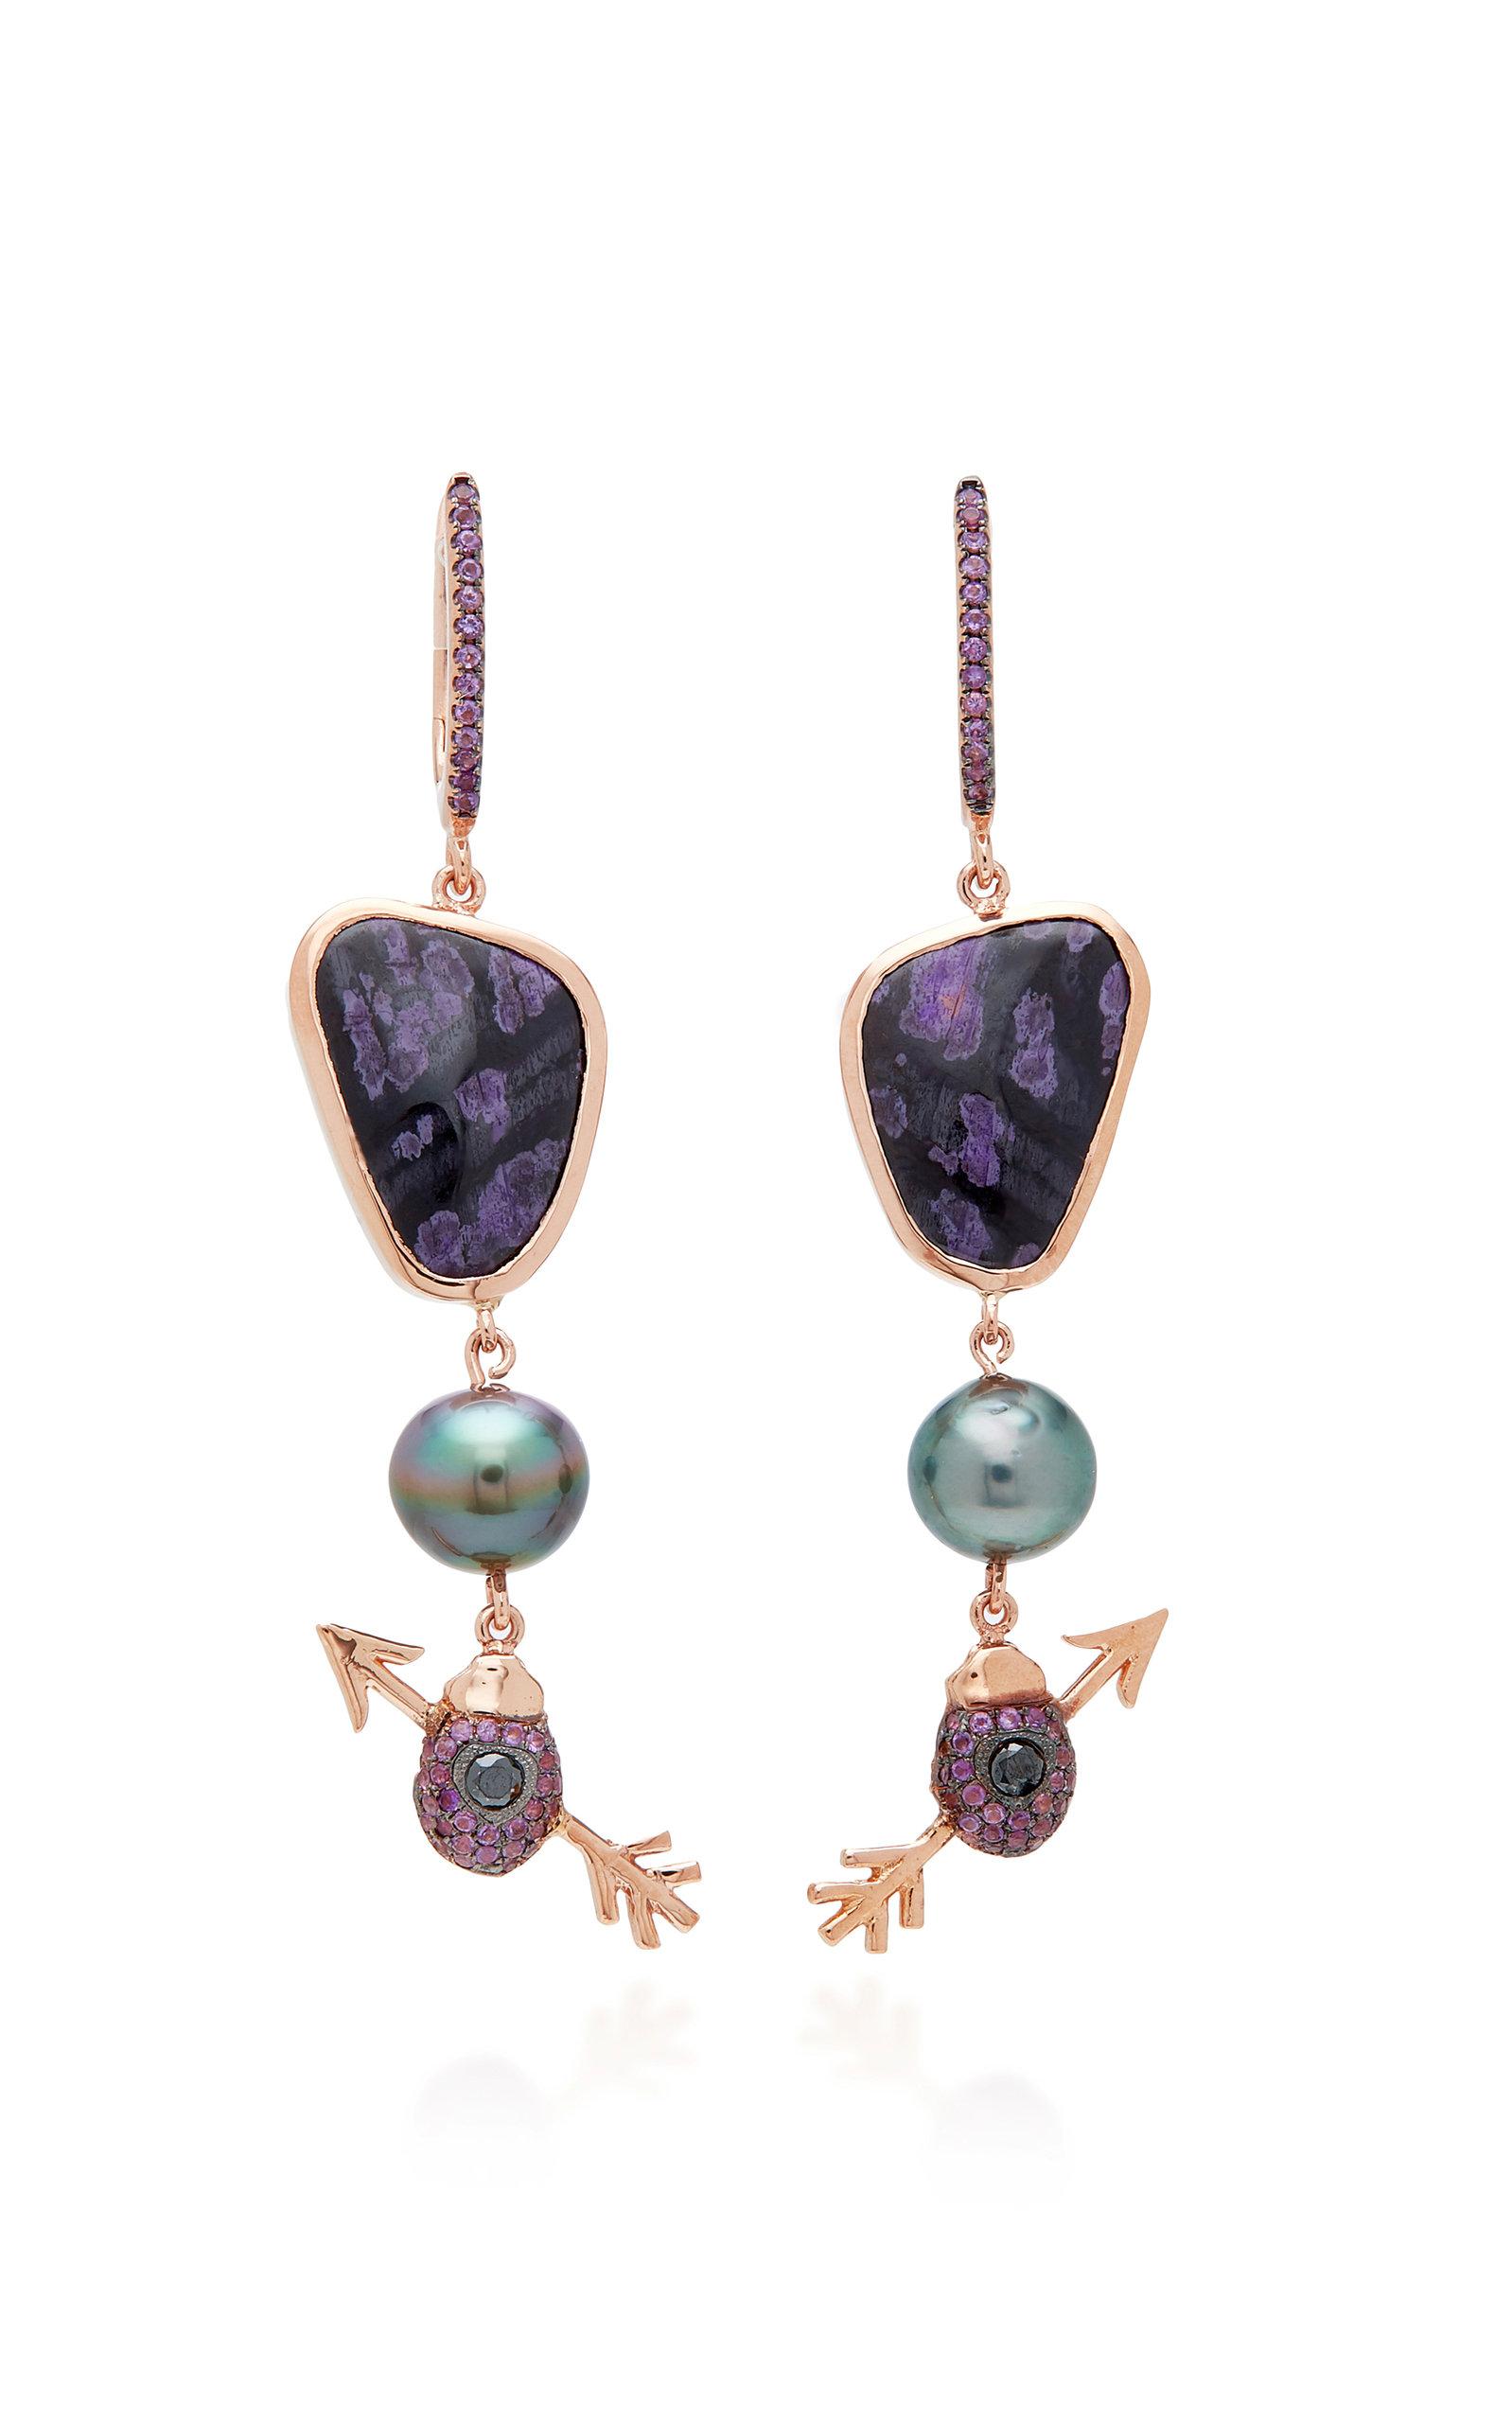 DANIELA VILLEGAS 18K Rose Gold Multi-Stone Earrings in Purple